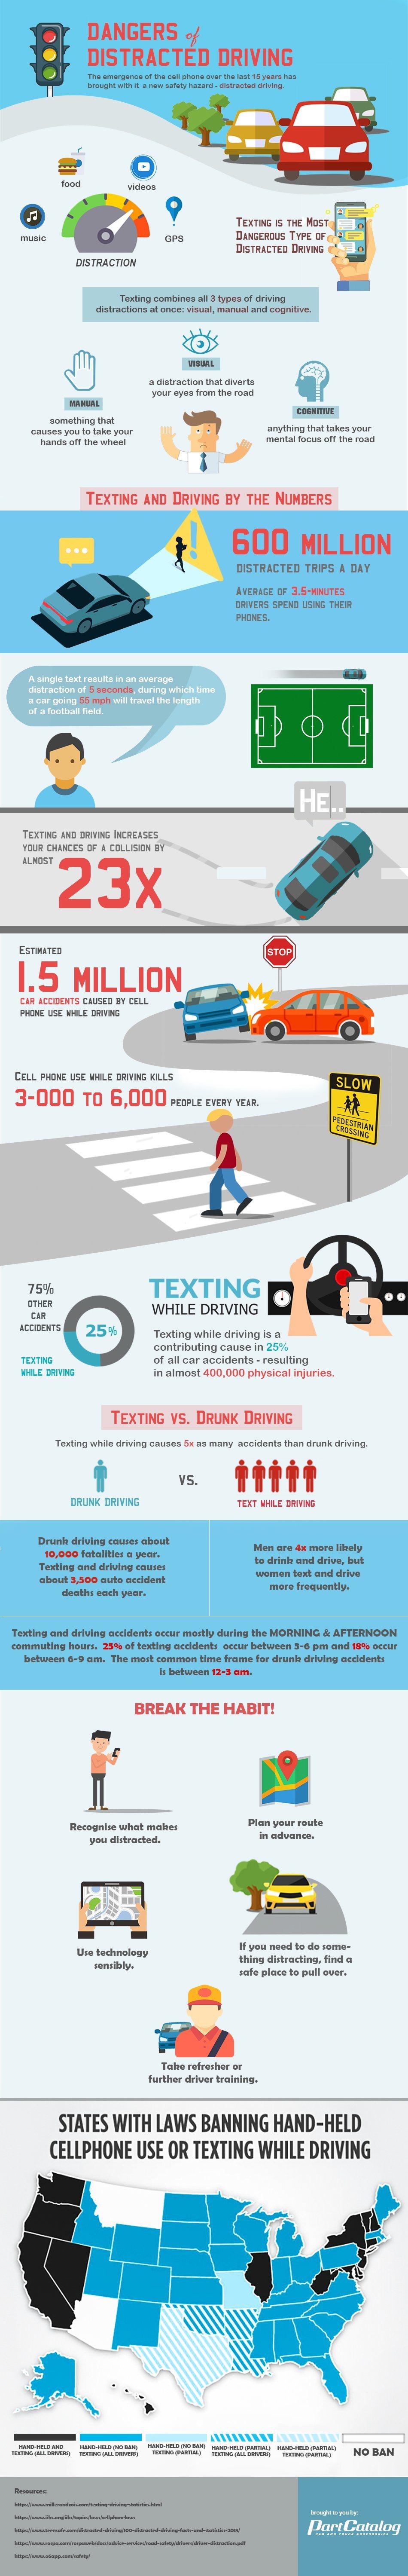 Dangers_of_Distracting_Driving_PartCatalog.jpg